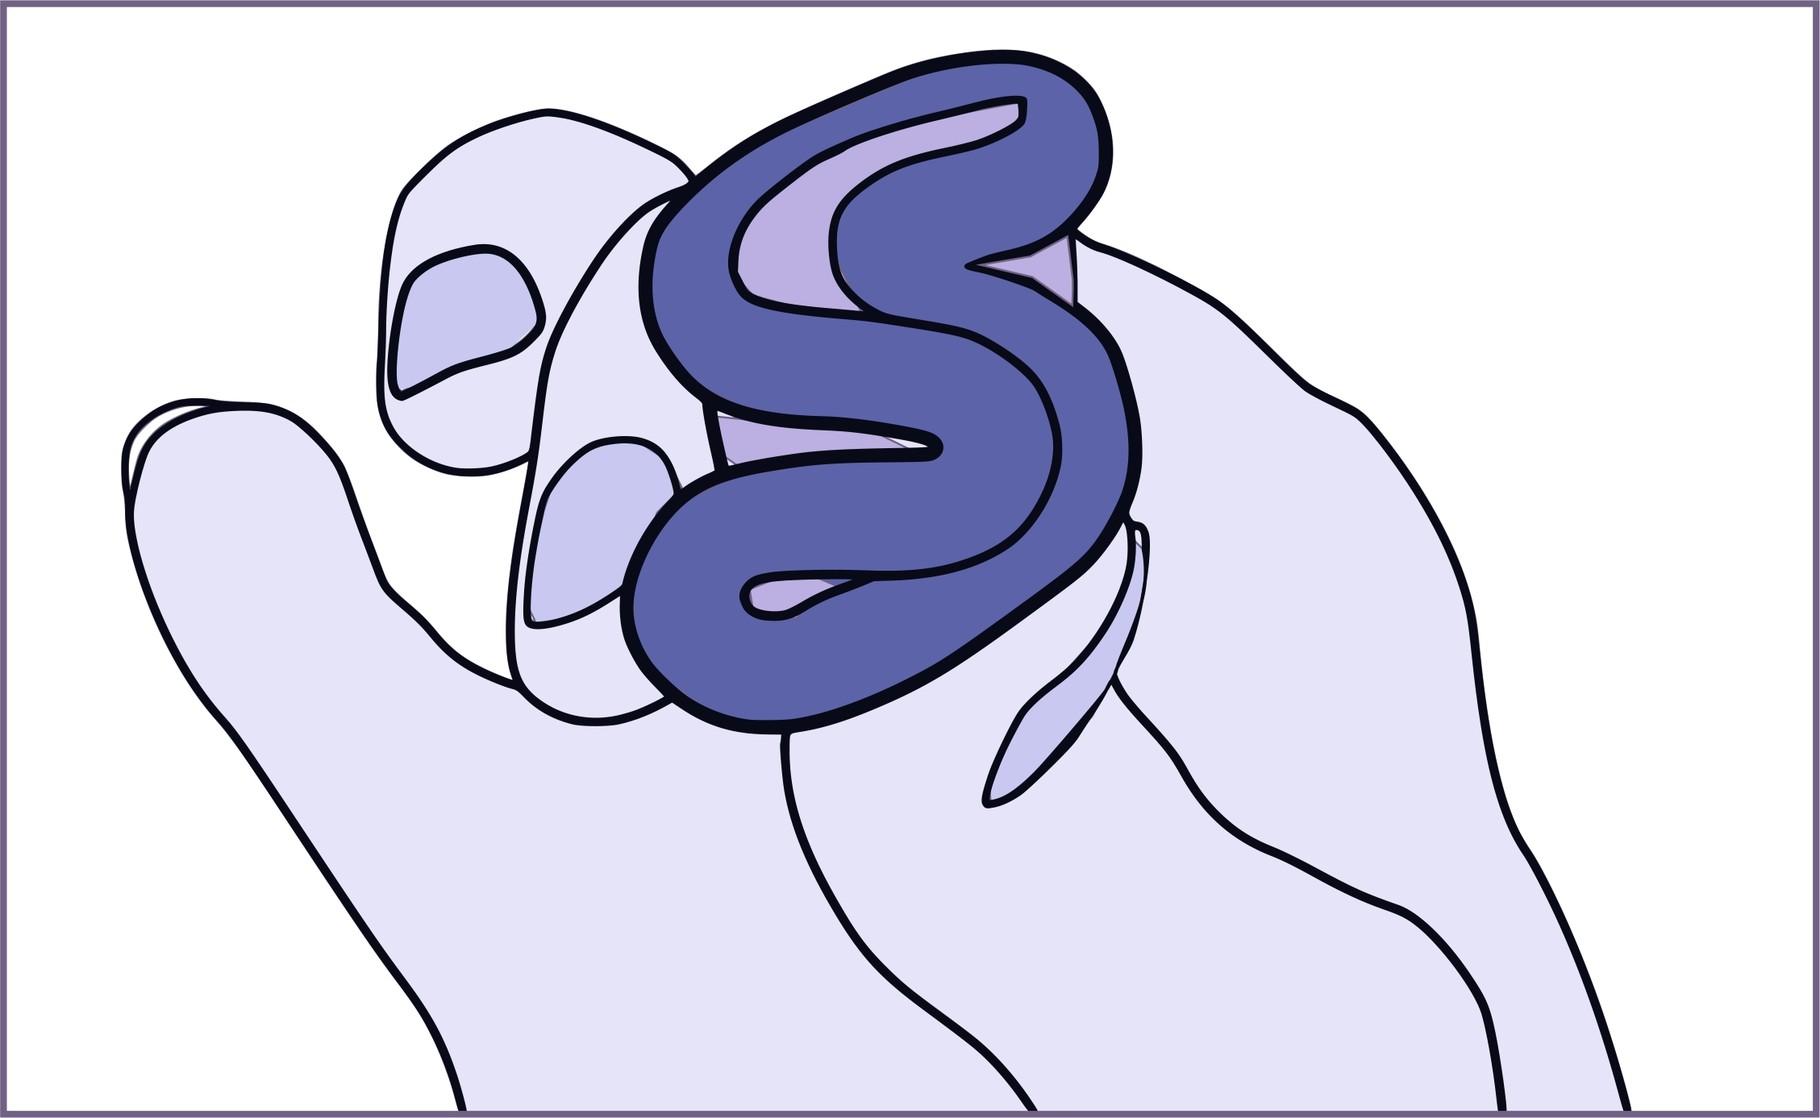 S - fold